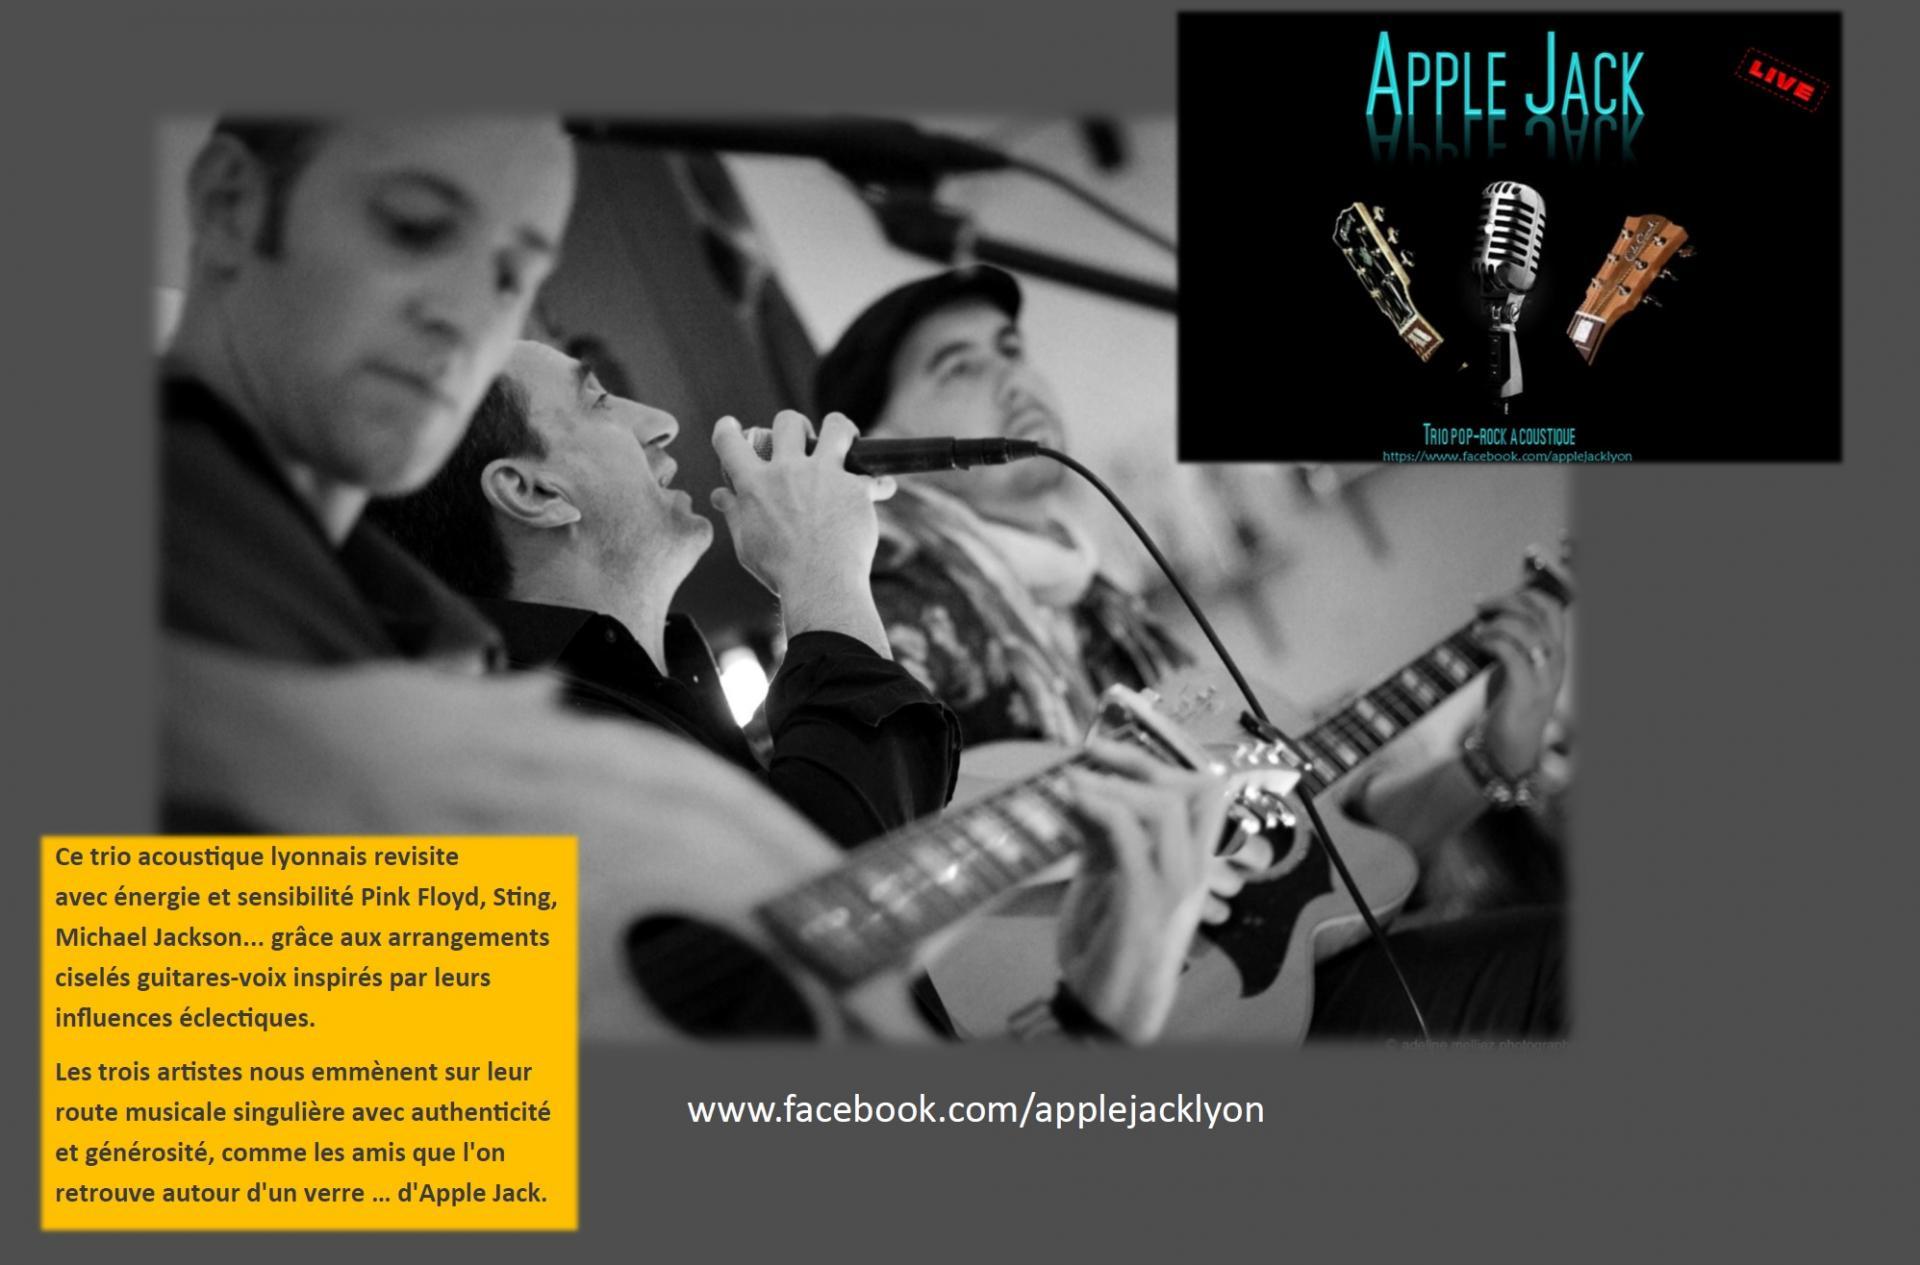 Apple jack 1